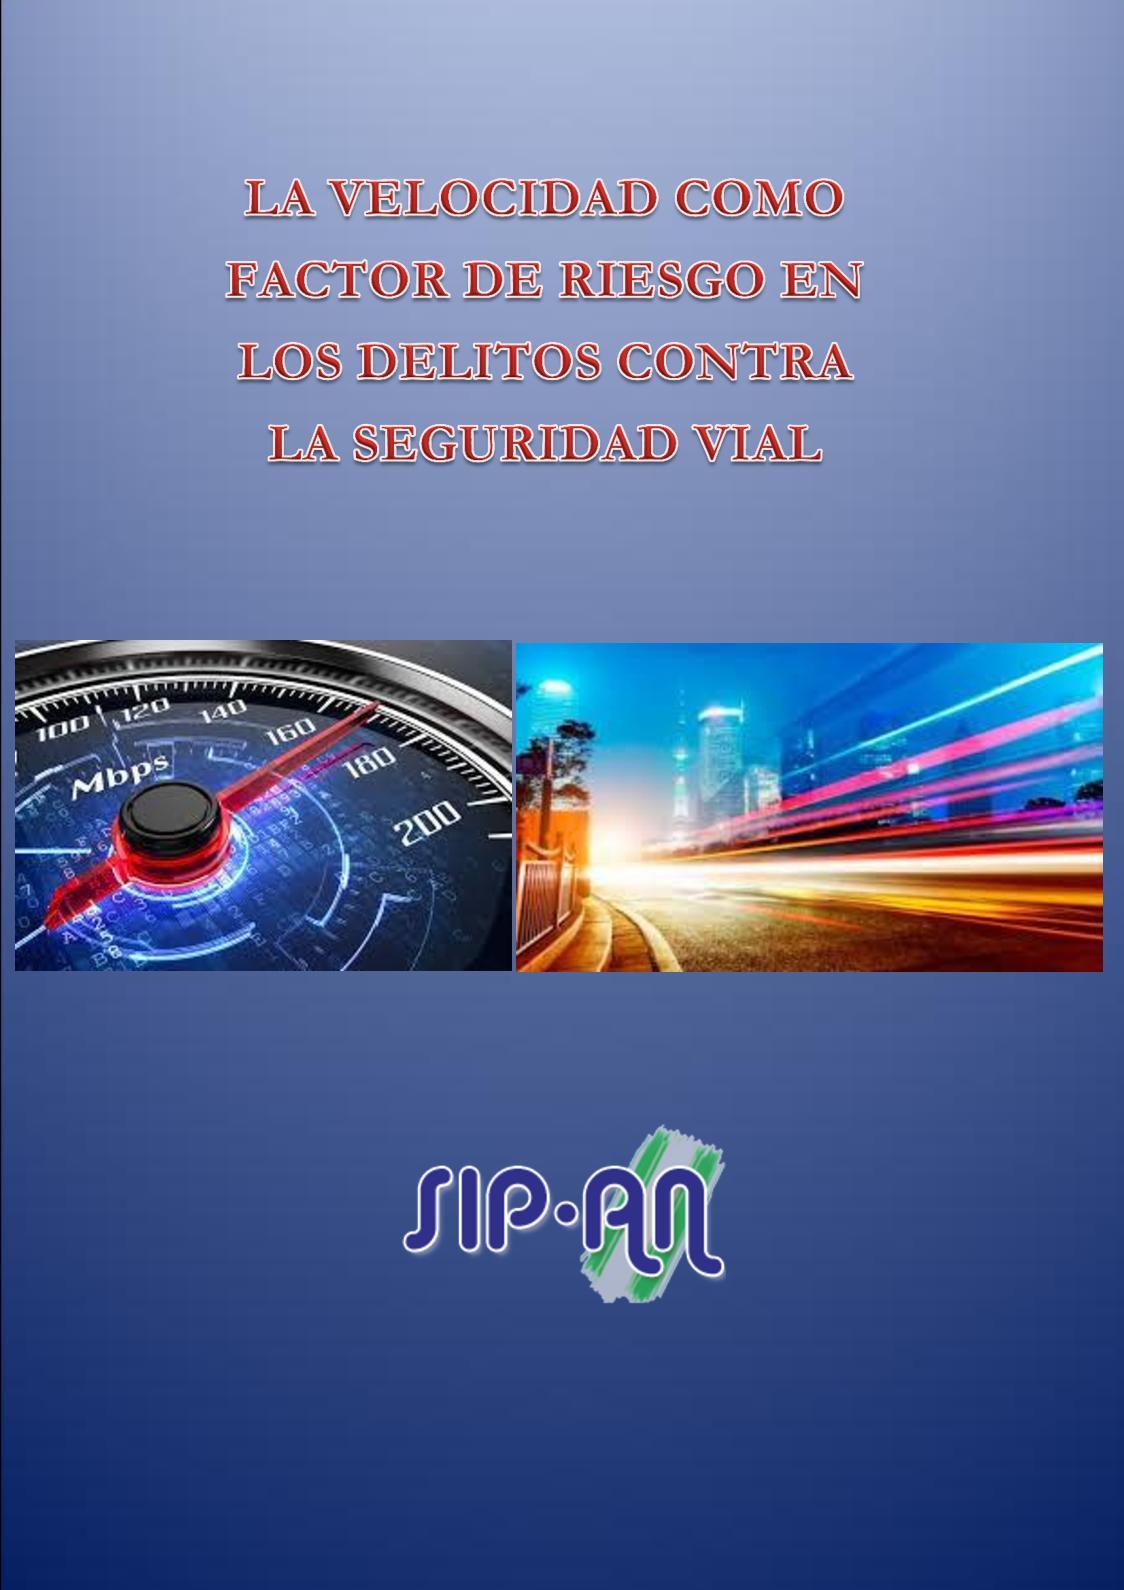 380 La Velocidad Como Factor De Riesgo En Los Delitos Contra La Seguridad Vial